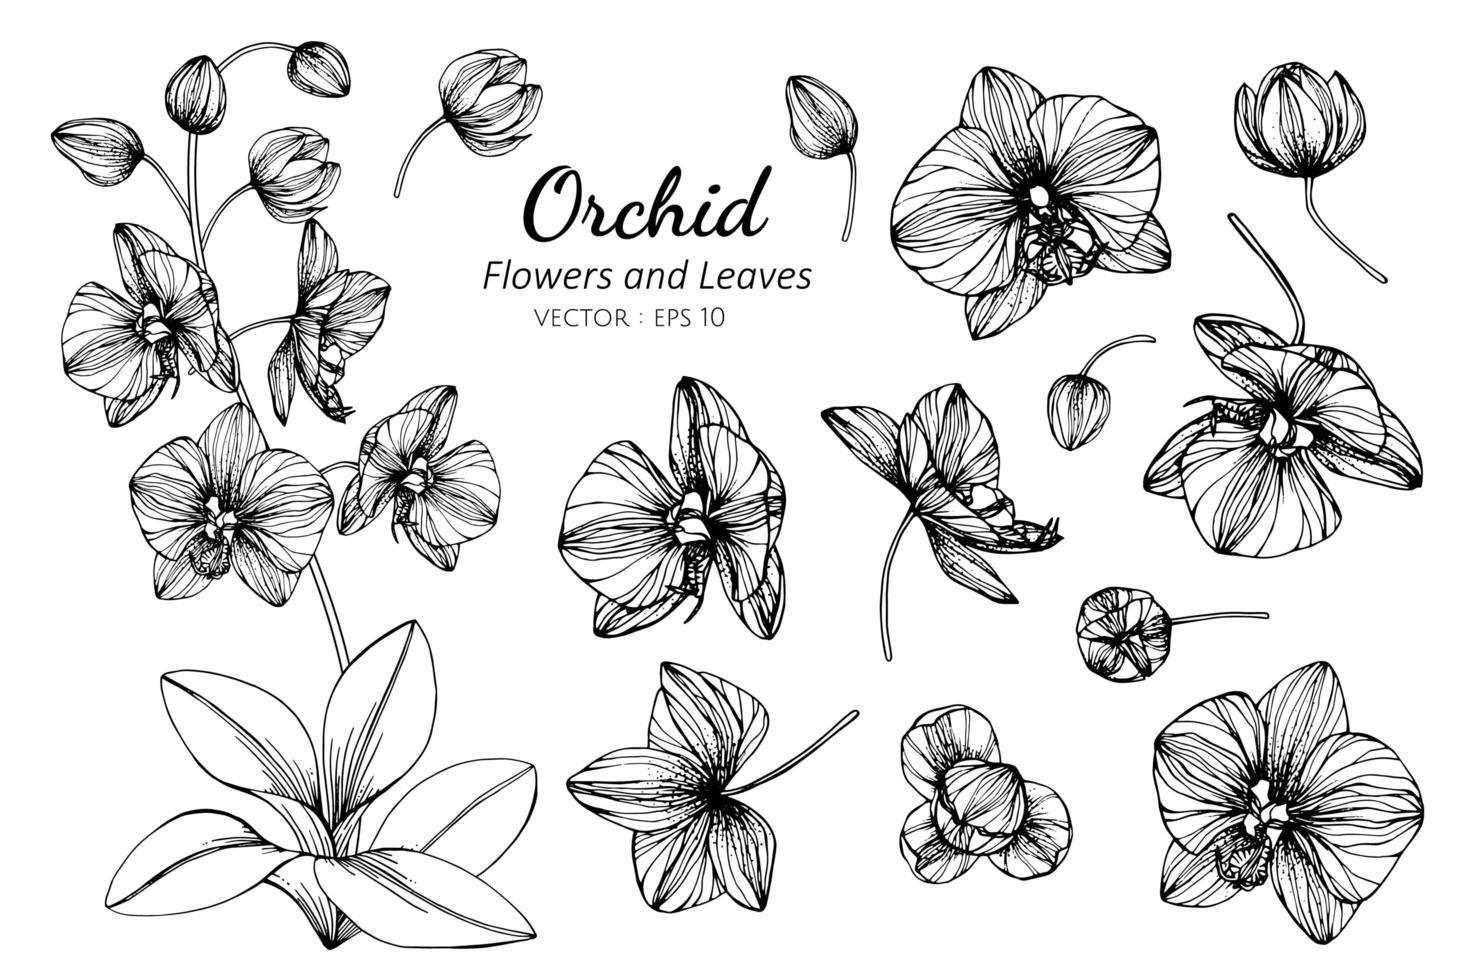 Sammlung von Orchideenblüten und -blättern vektor